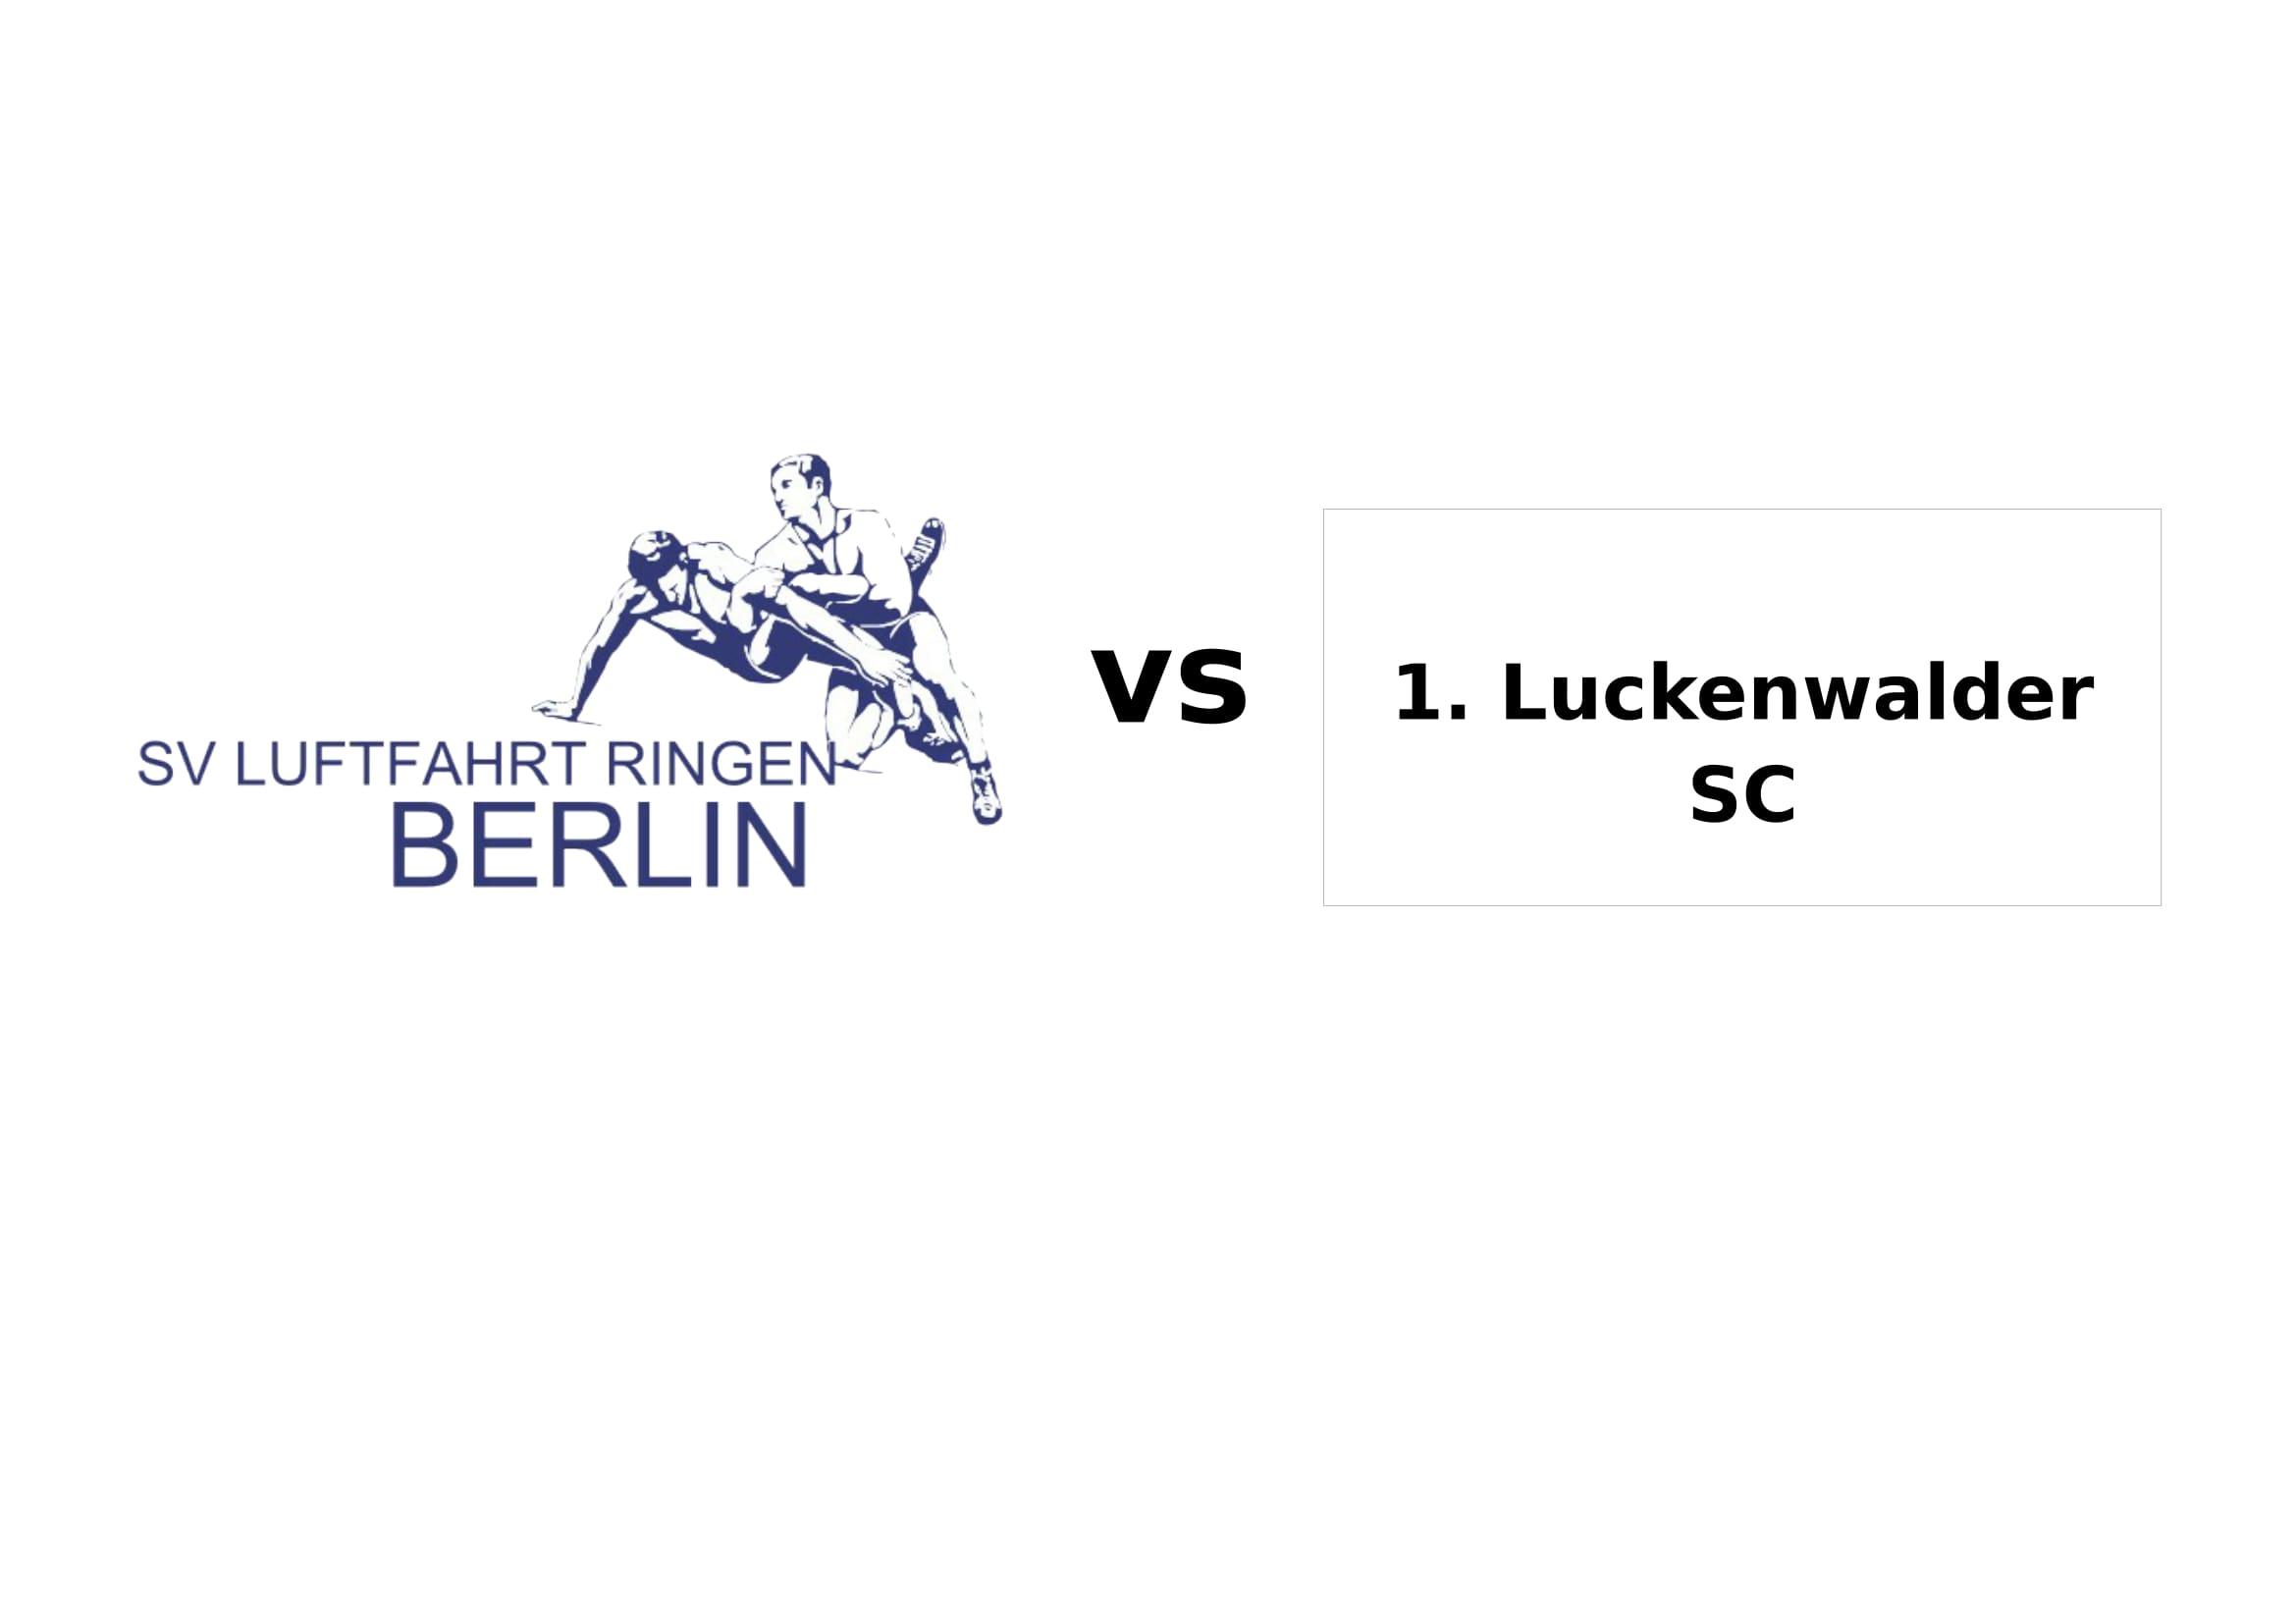 RL-Heimkampf SVL vs. 1. Luckenwalder SC